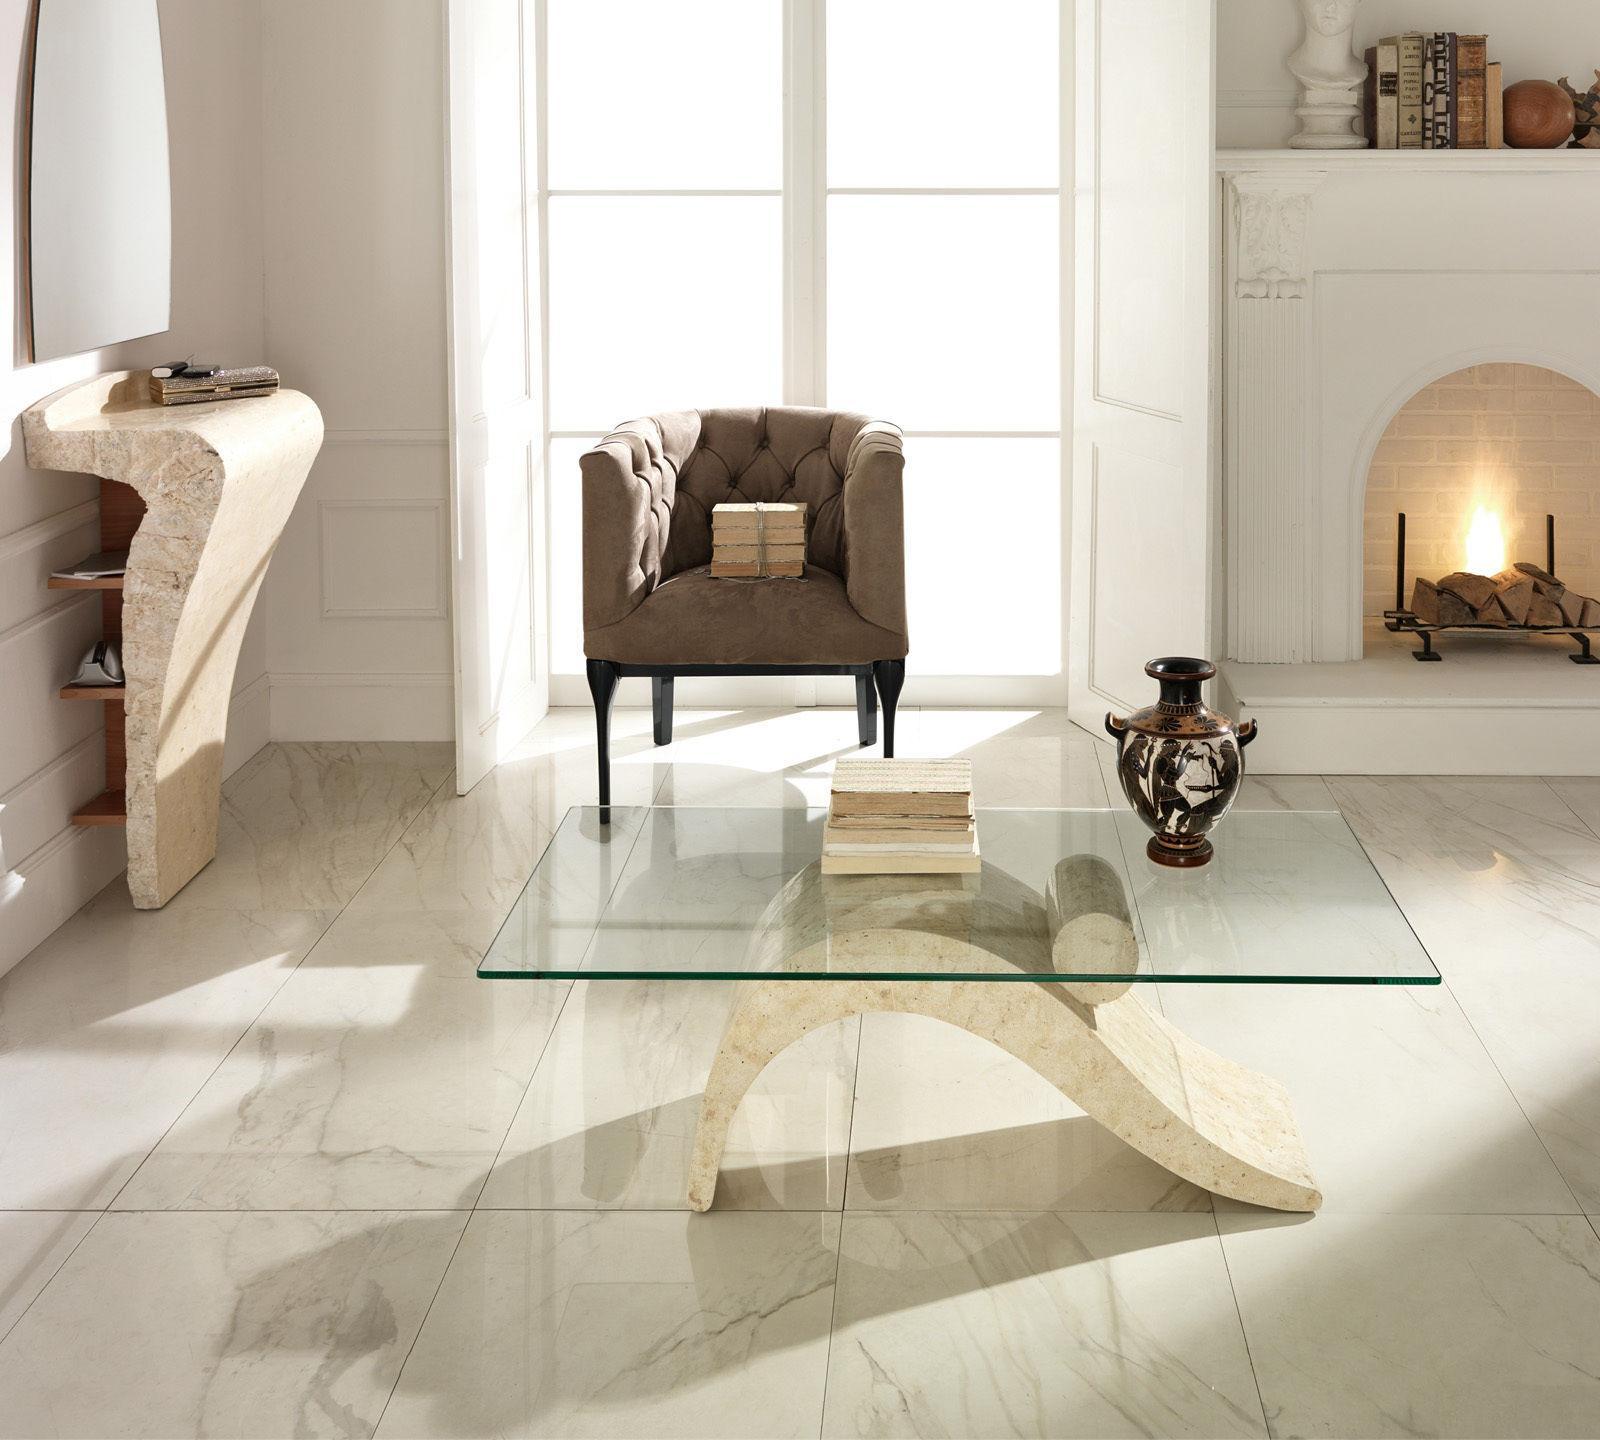 Tavoli In Pietra E Cristallo.Tavolino Da Salotto Dove In Pietra Fossilstone E Vetro